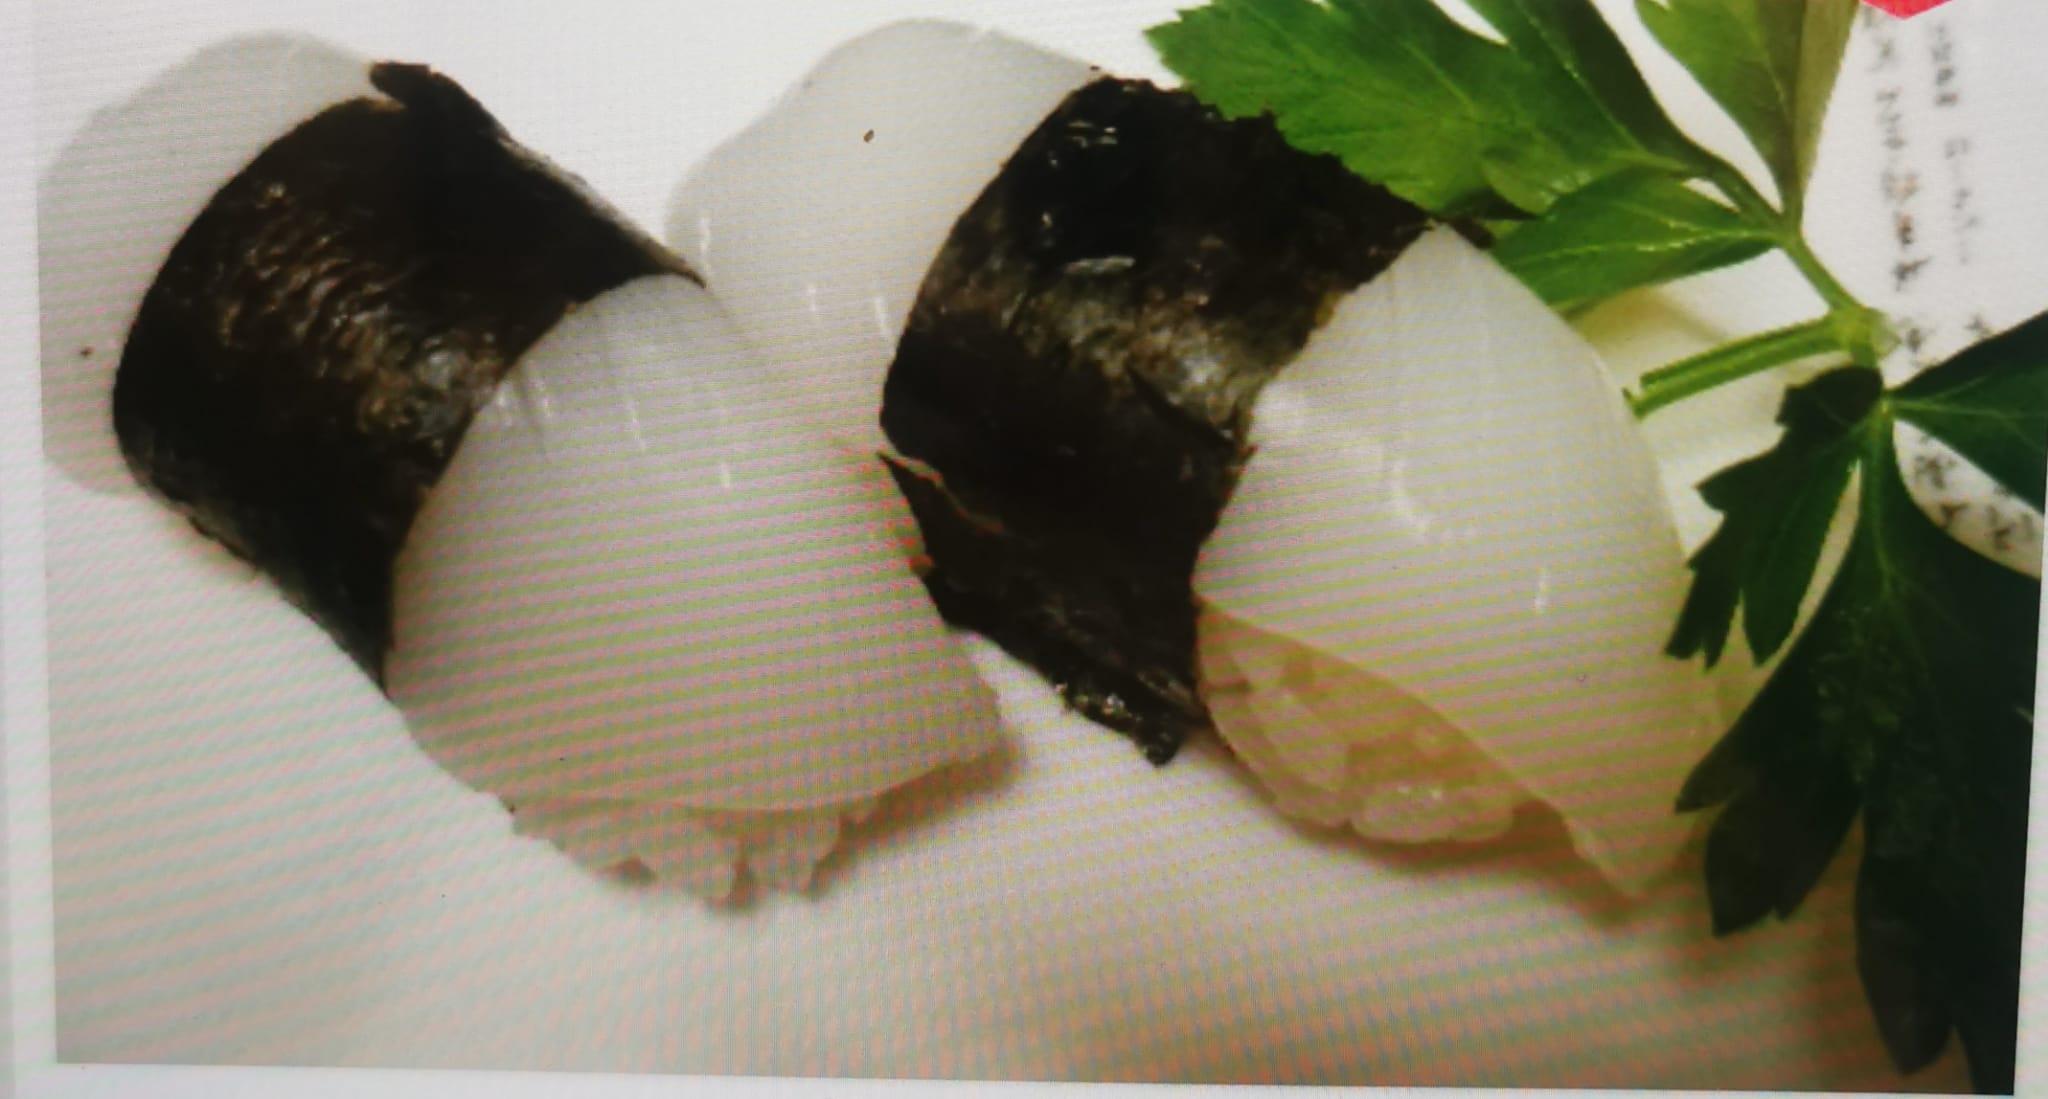 35. Ika Nigiri